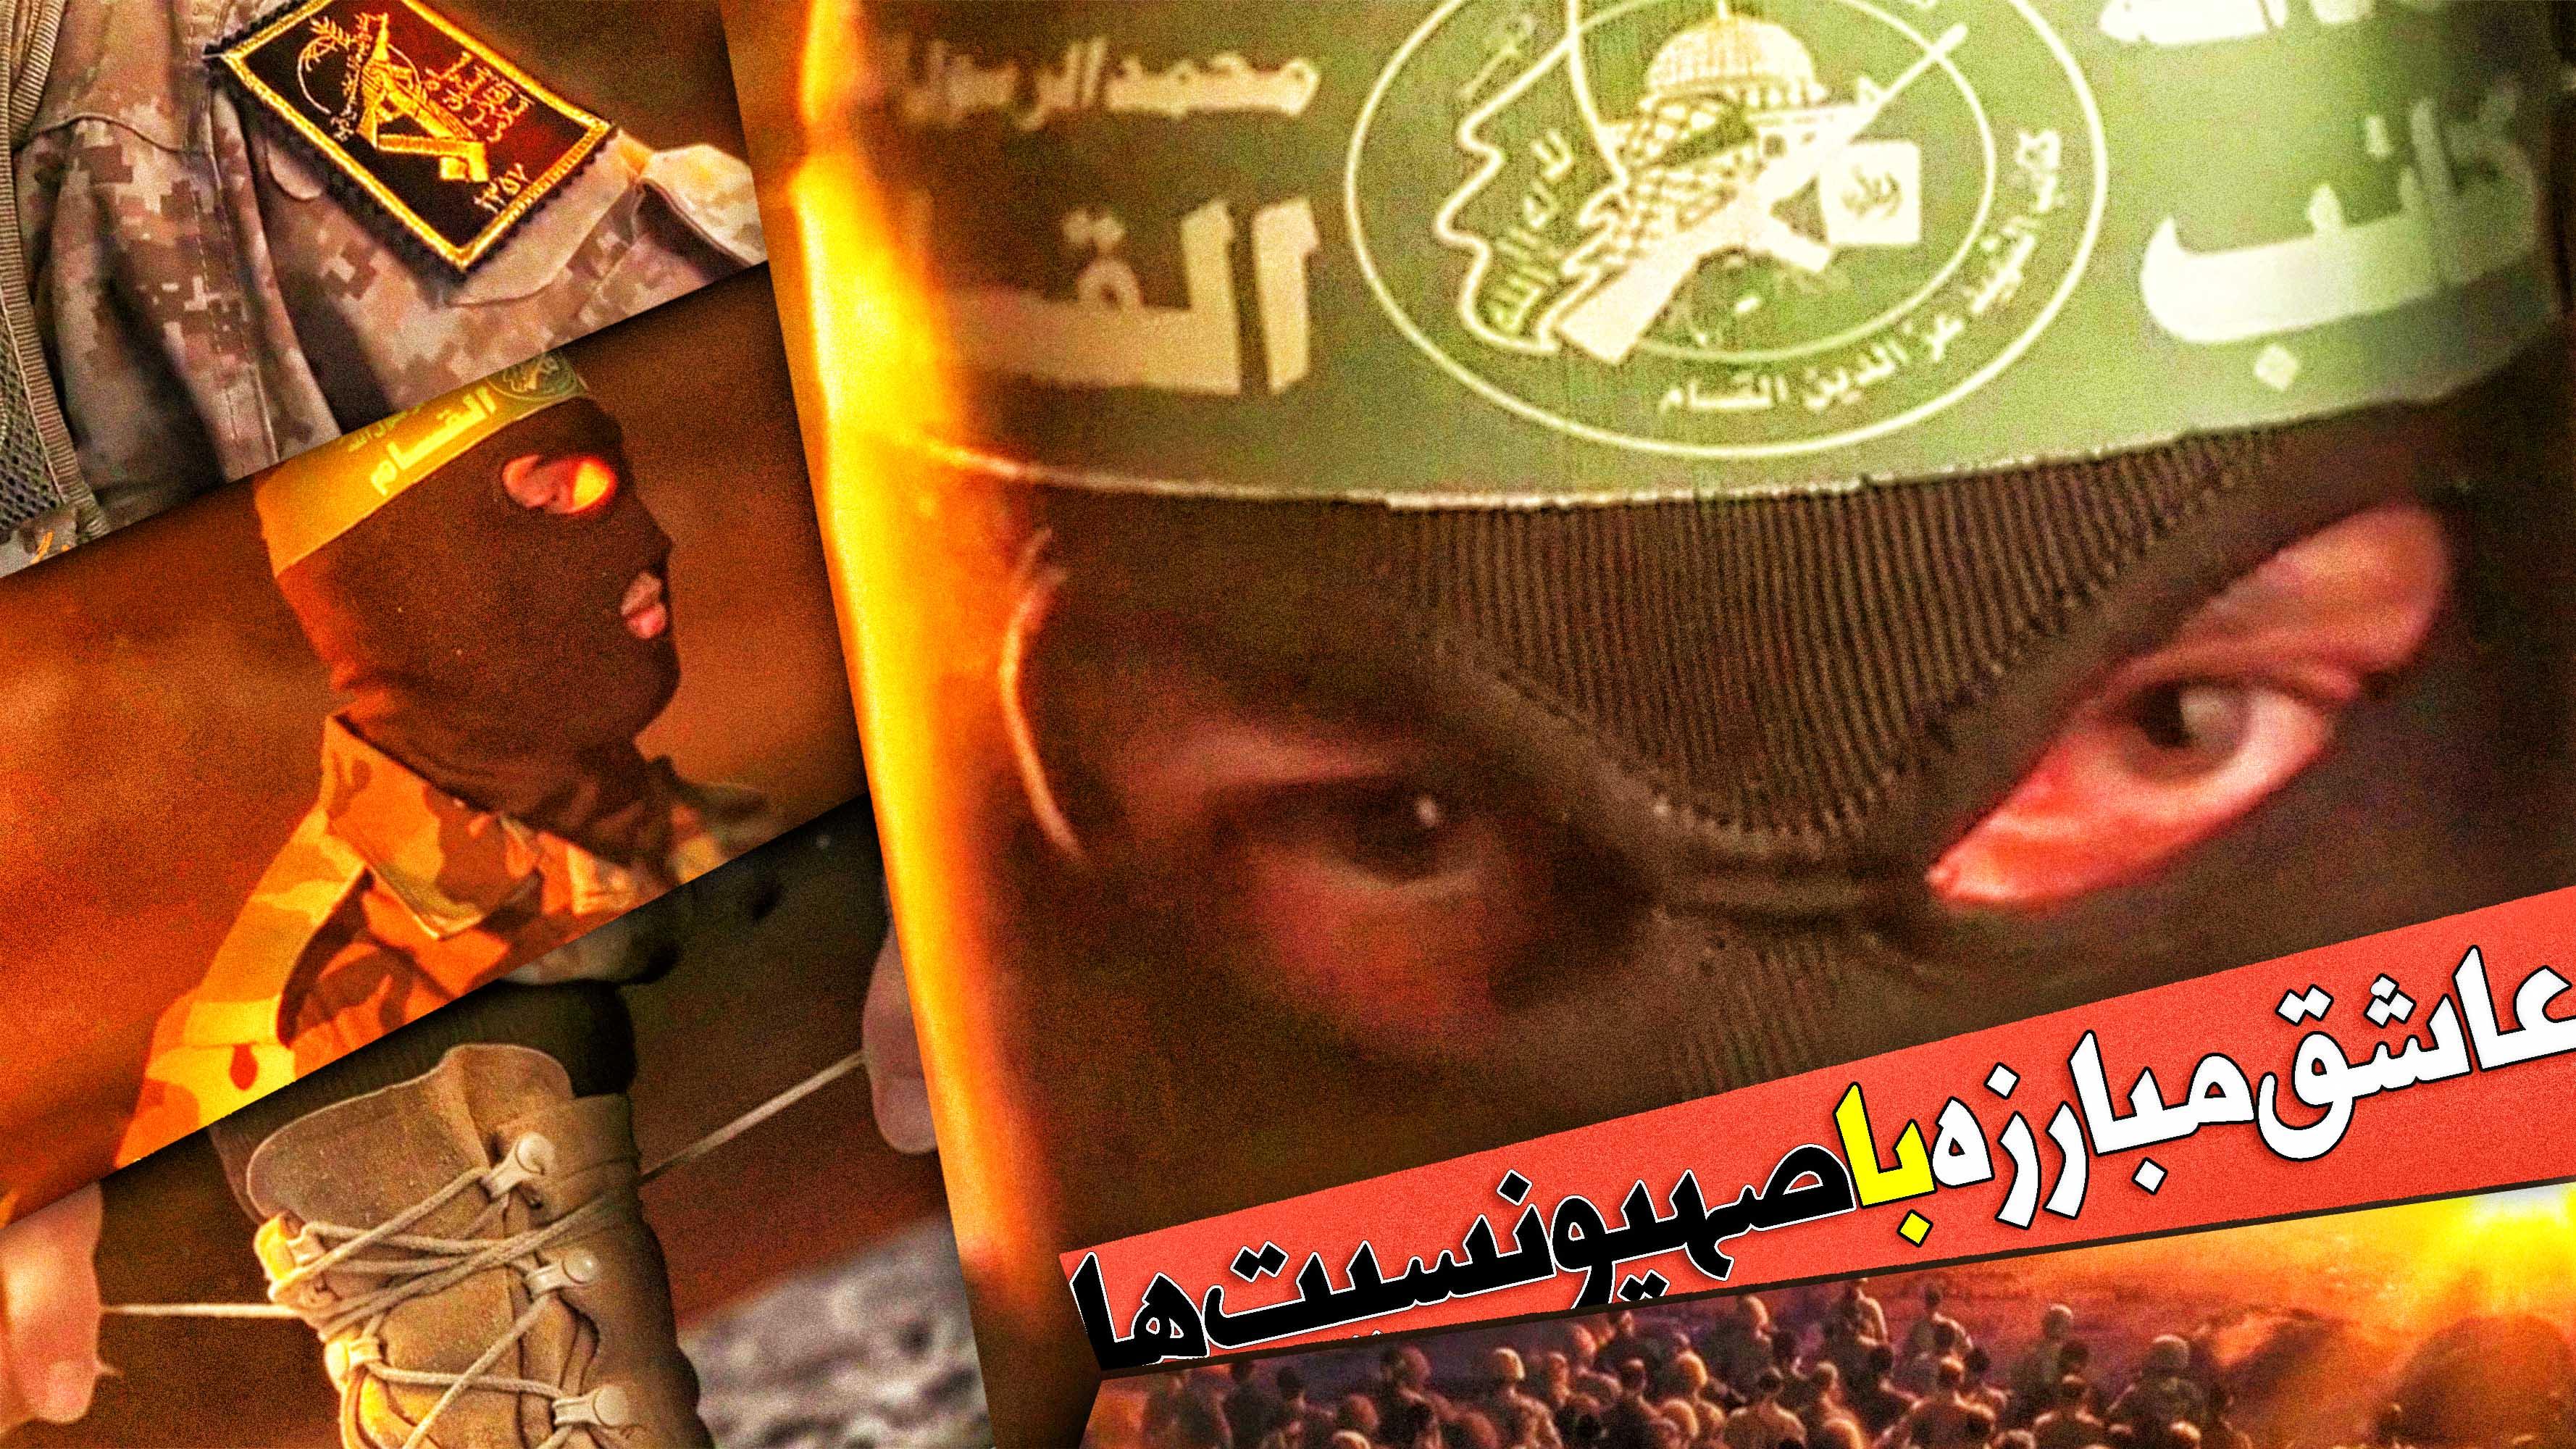 آمادگی «نابودی کامل اسرائیل» توسط سپاه پاسداران انقلاب اسلامی ایران